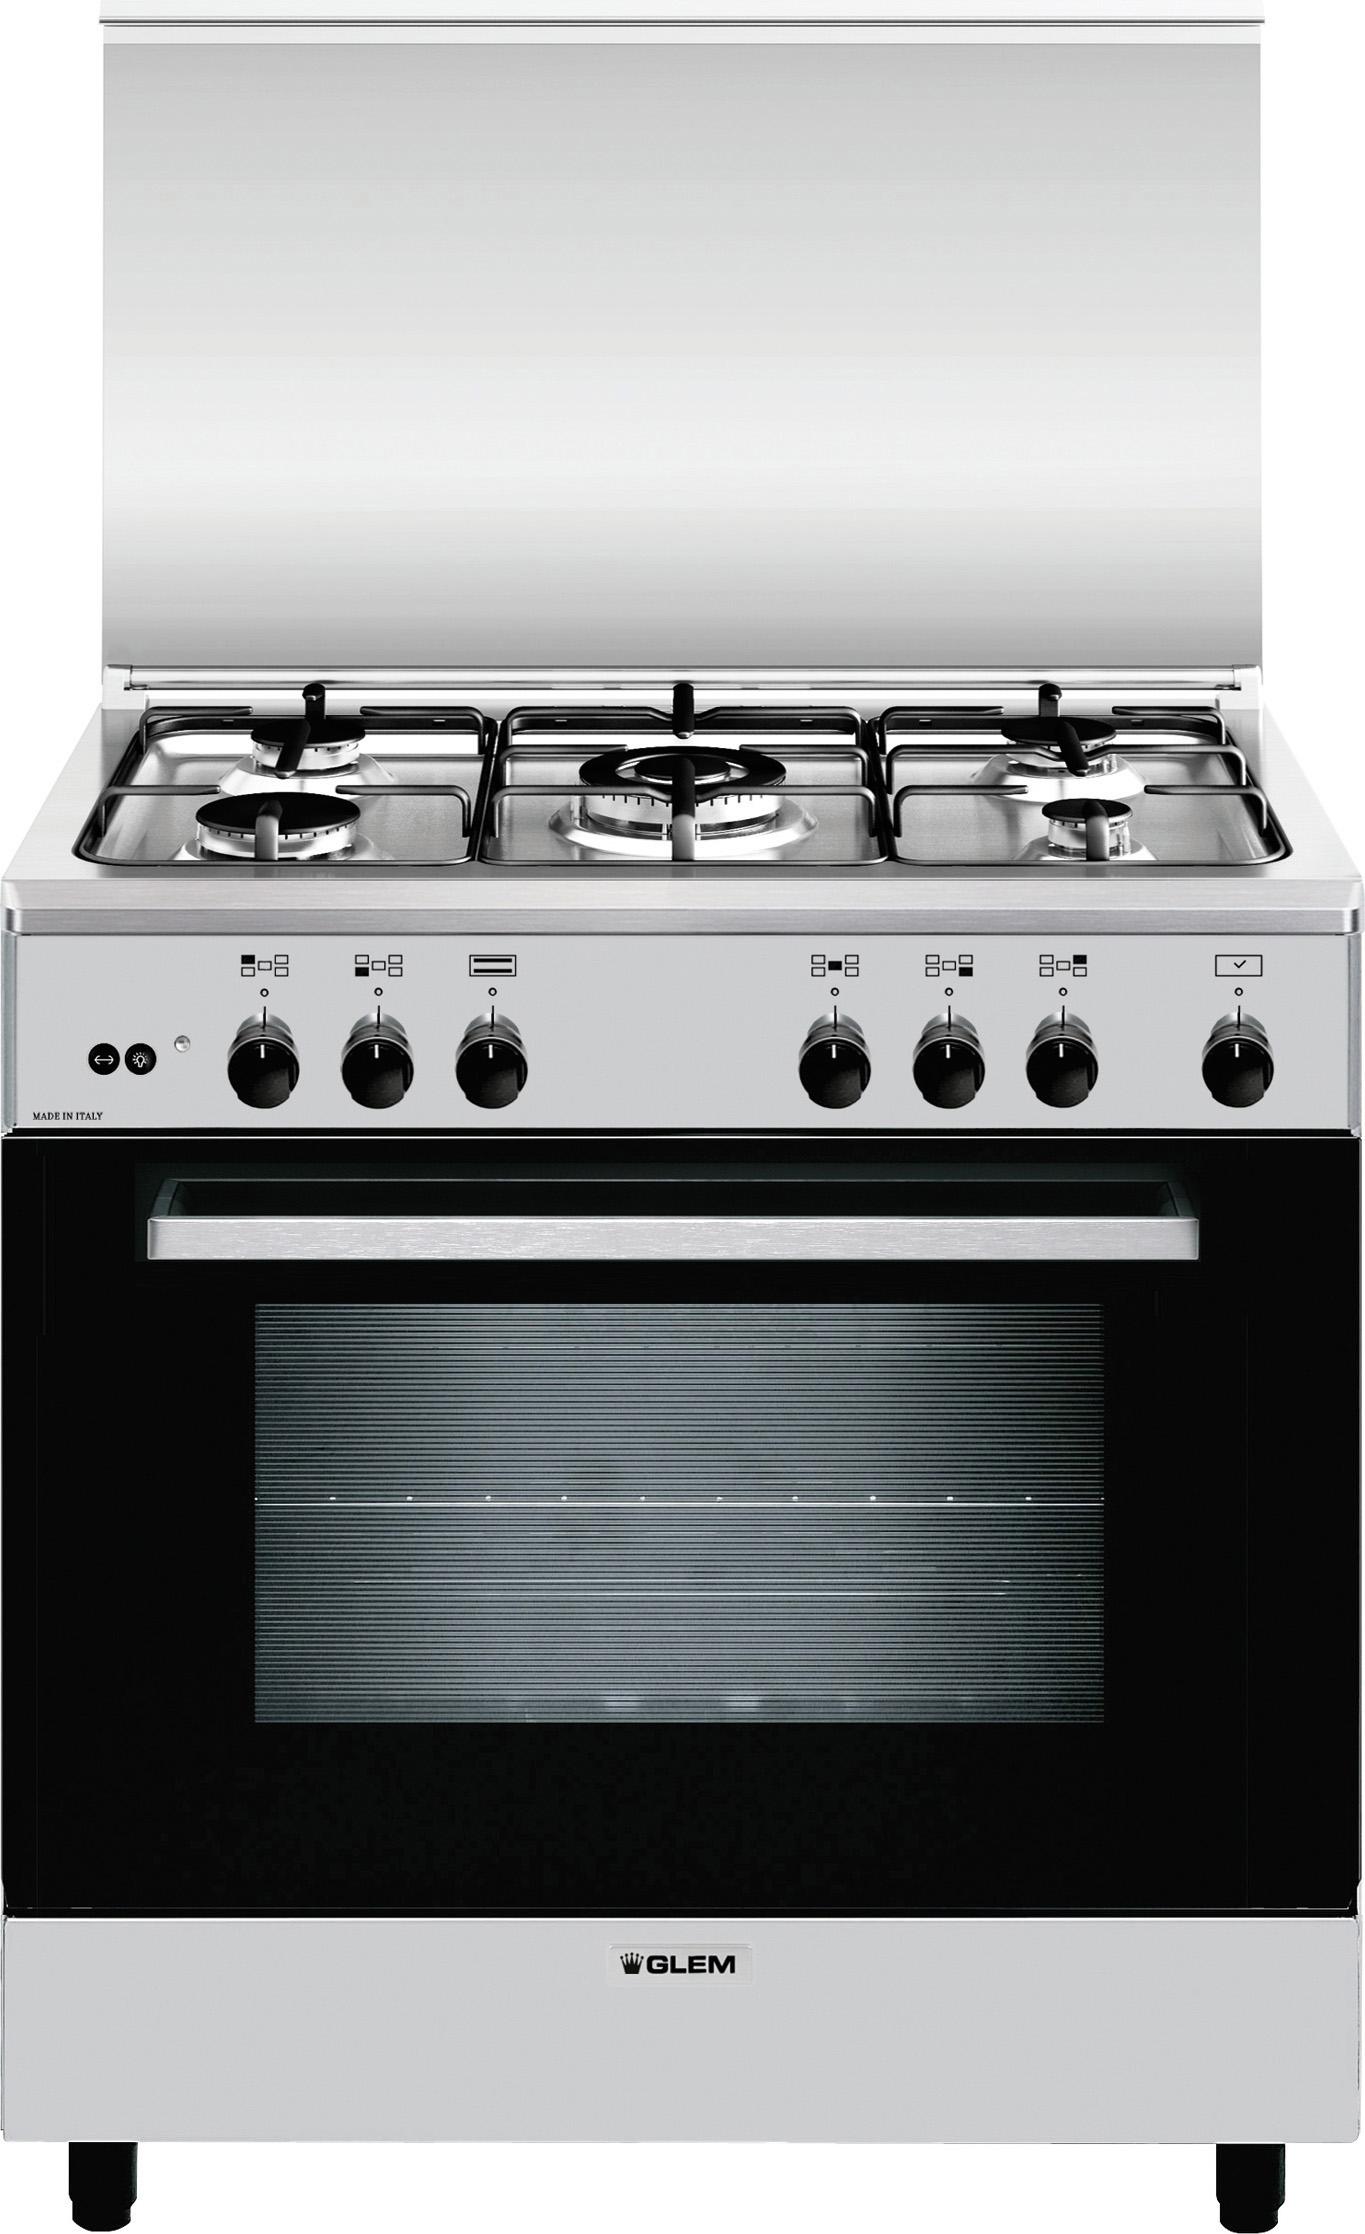 Cucina A Gas Glem Gas A855Gi Forno A Gas 80X50